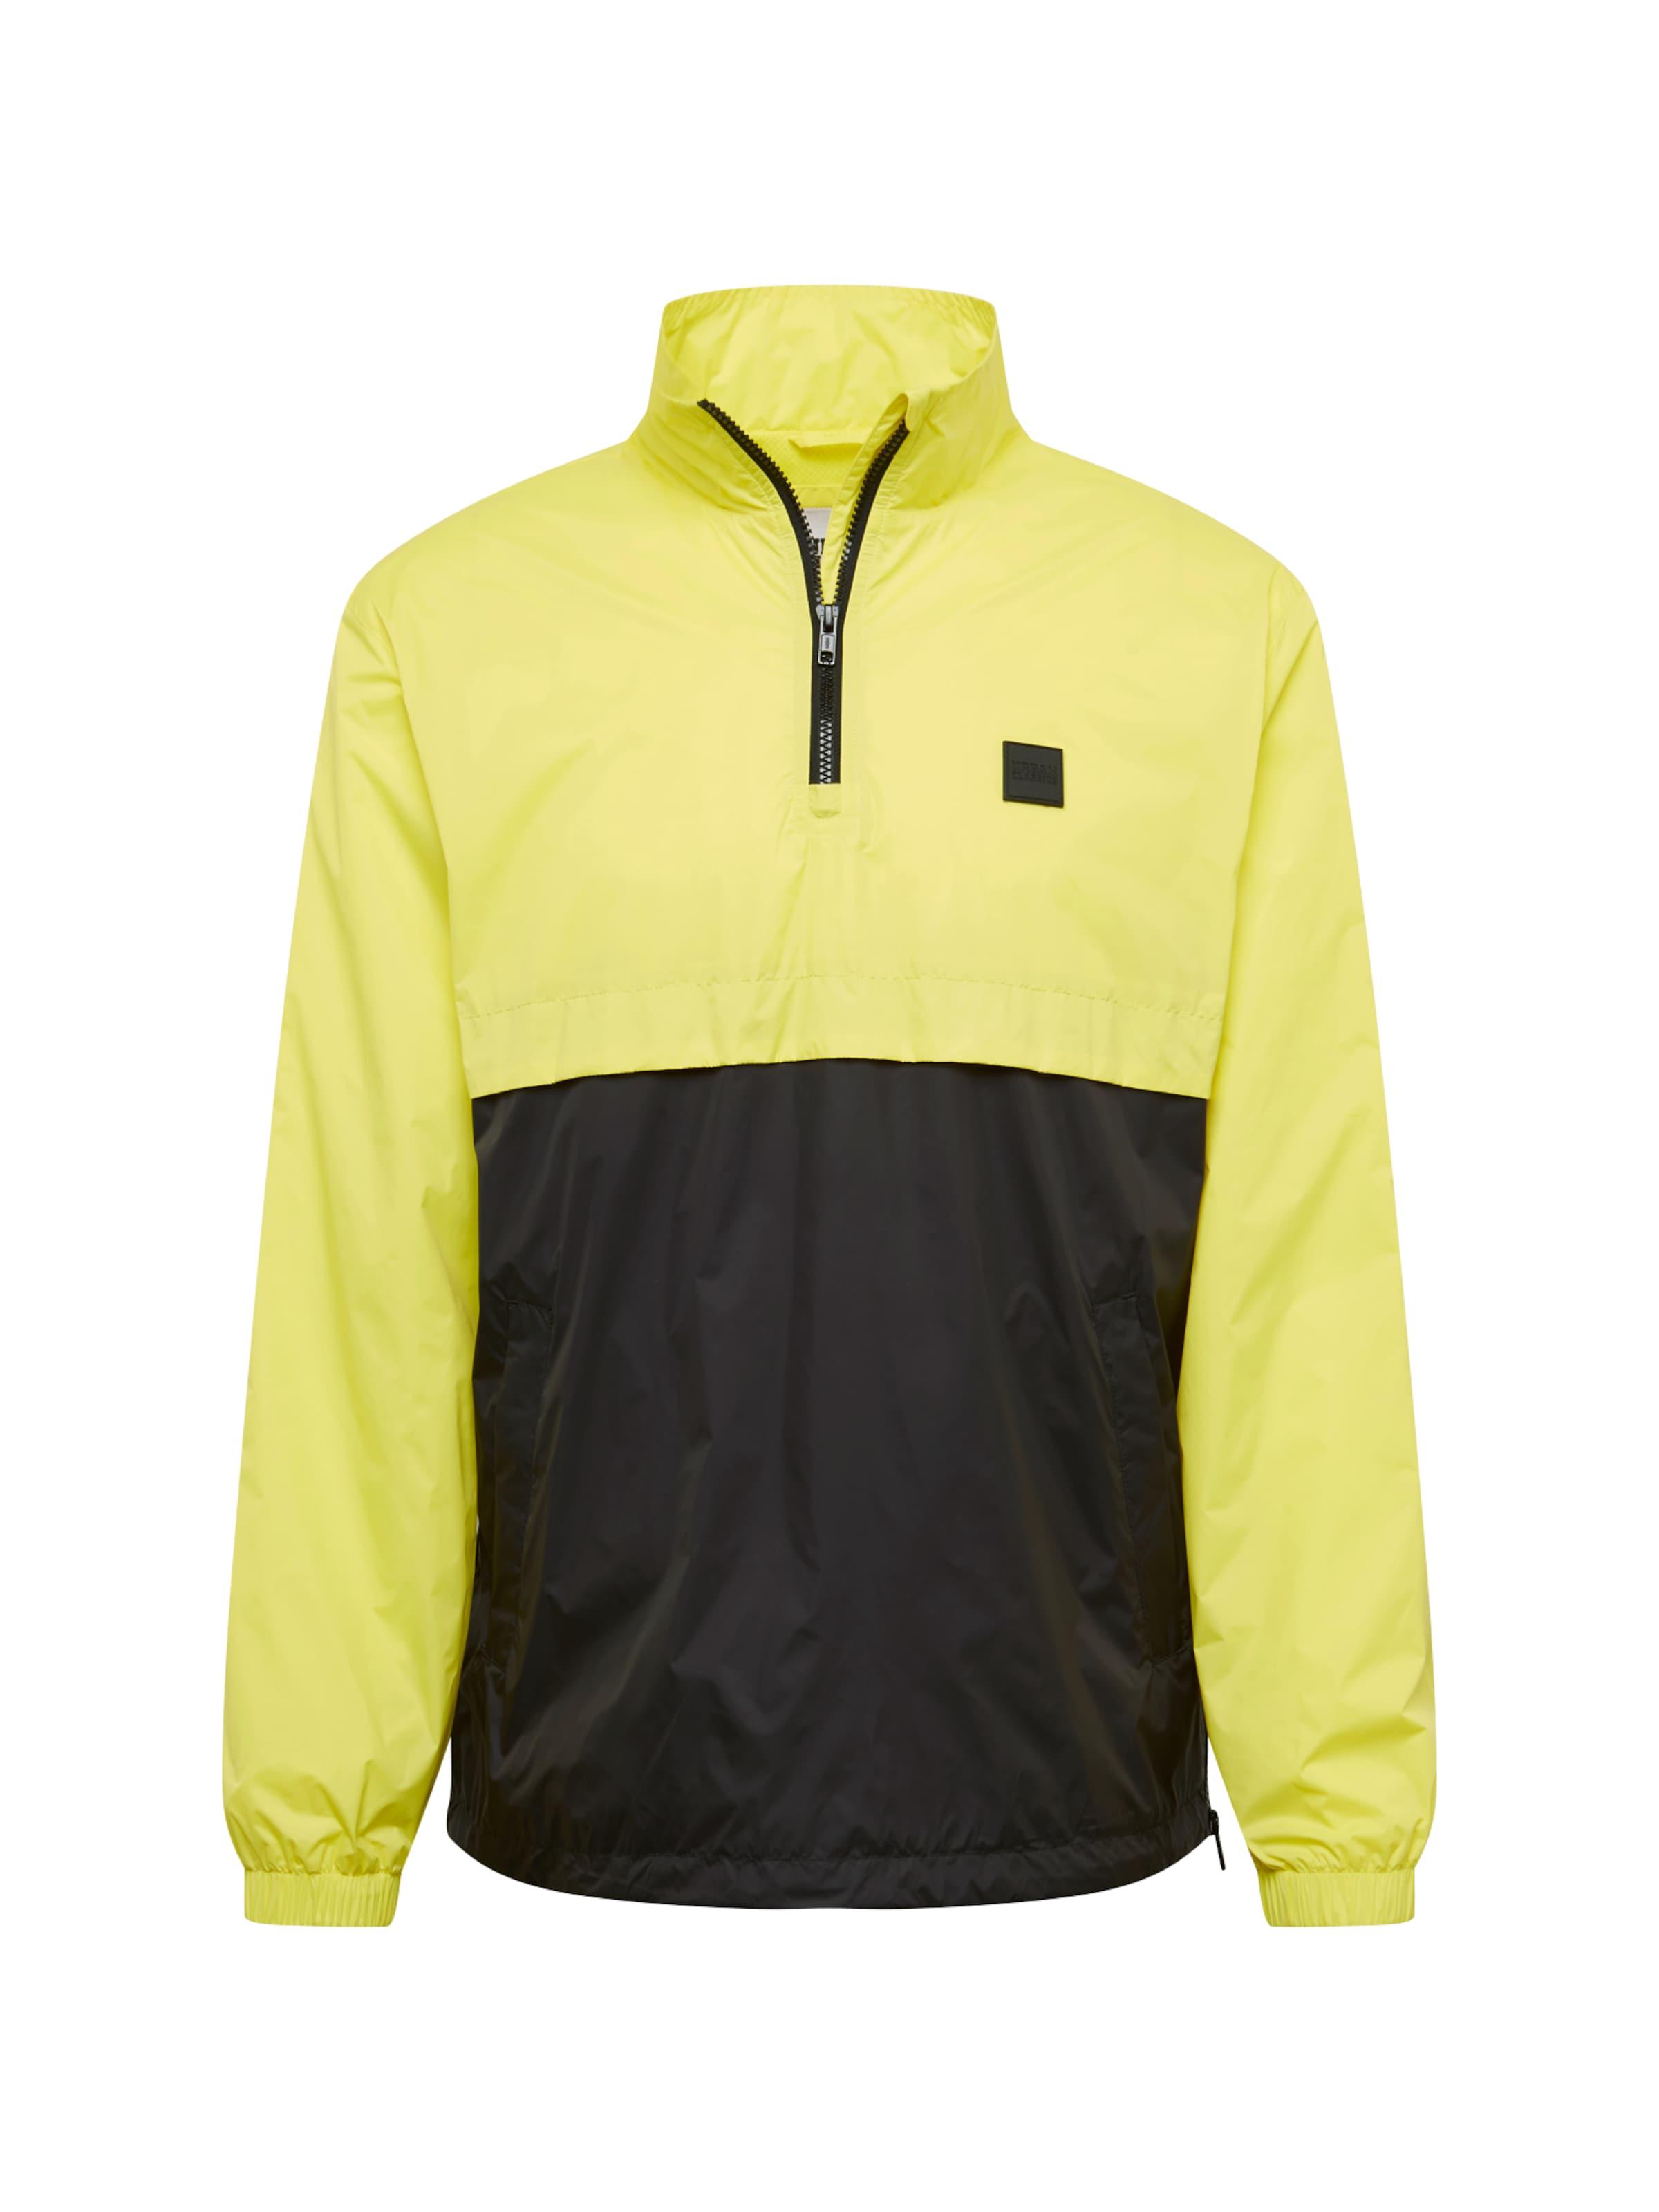 Urban Classics Jacke in gelb / schwarz Leicht gefüttert TB2748-01733-0051